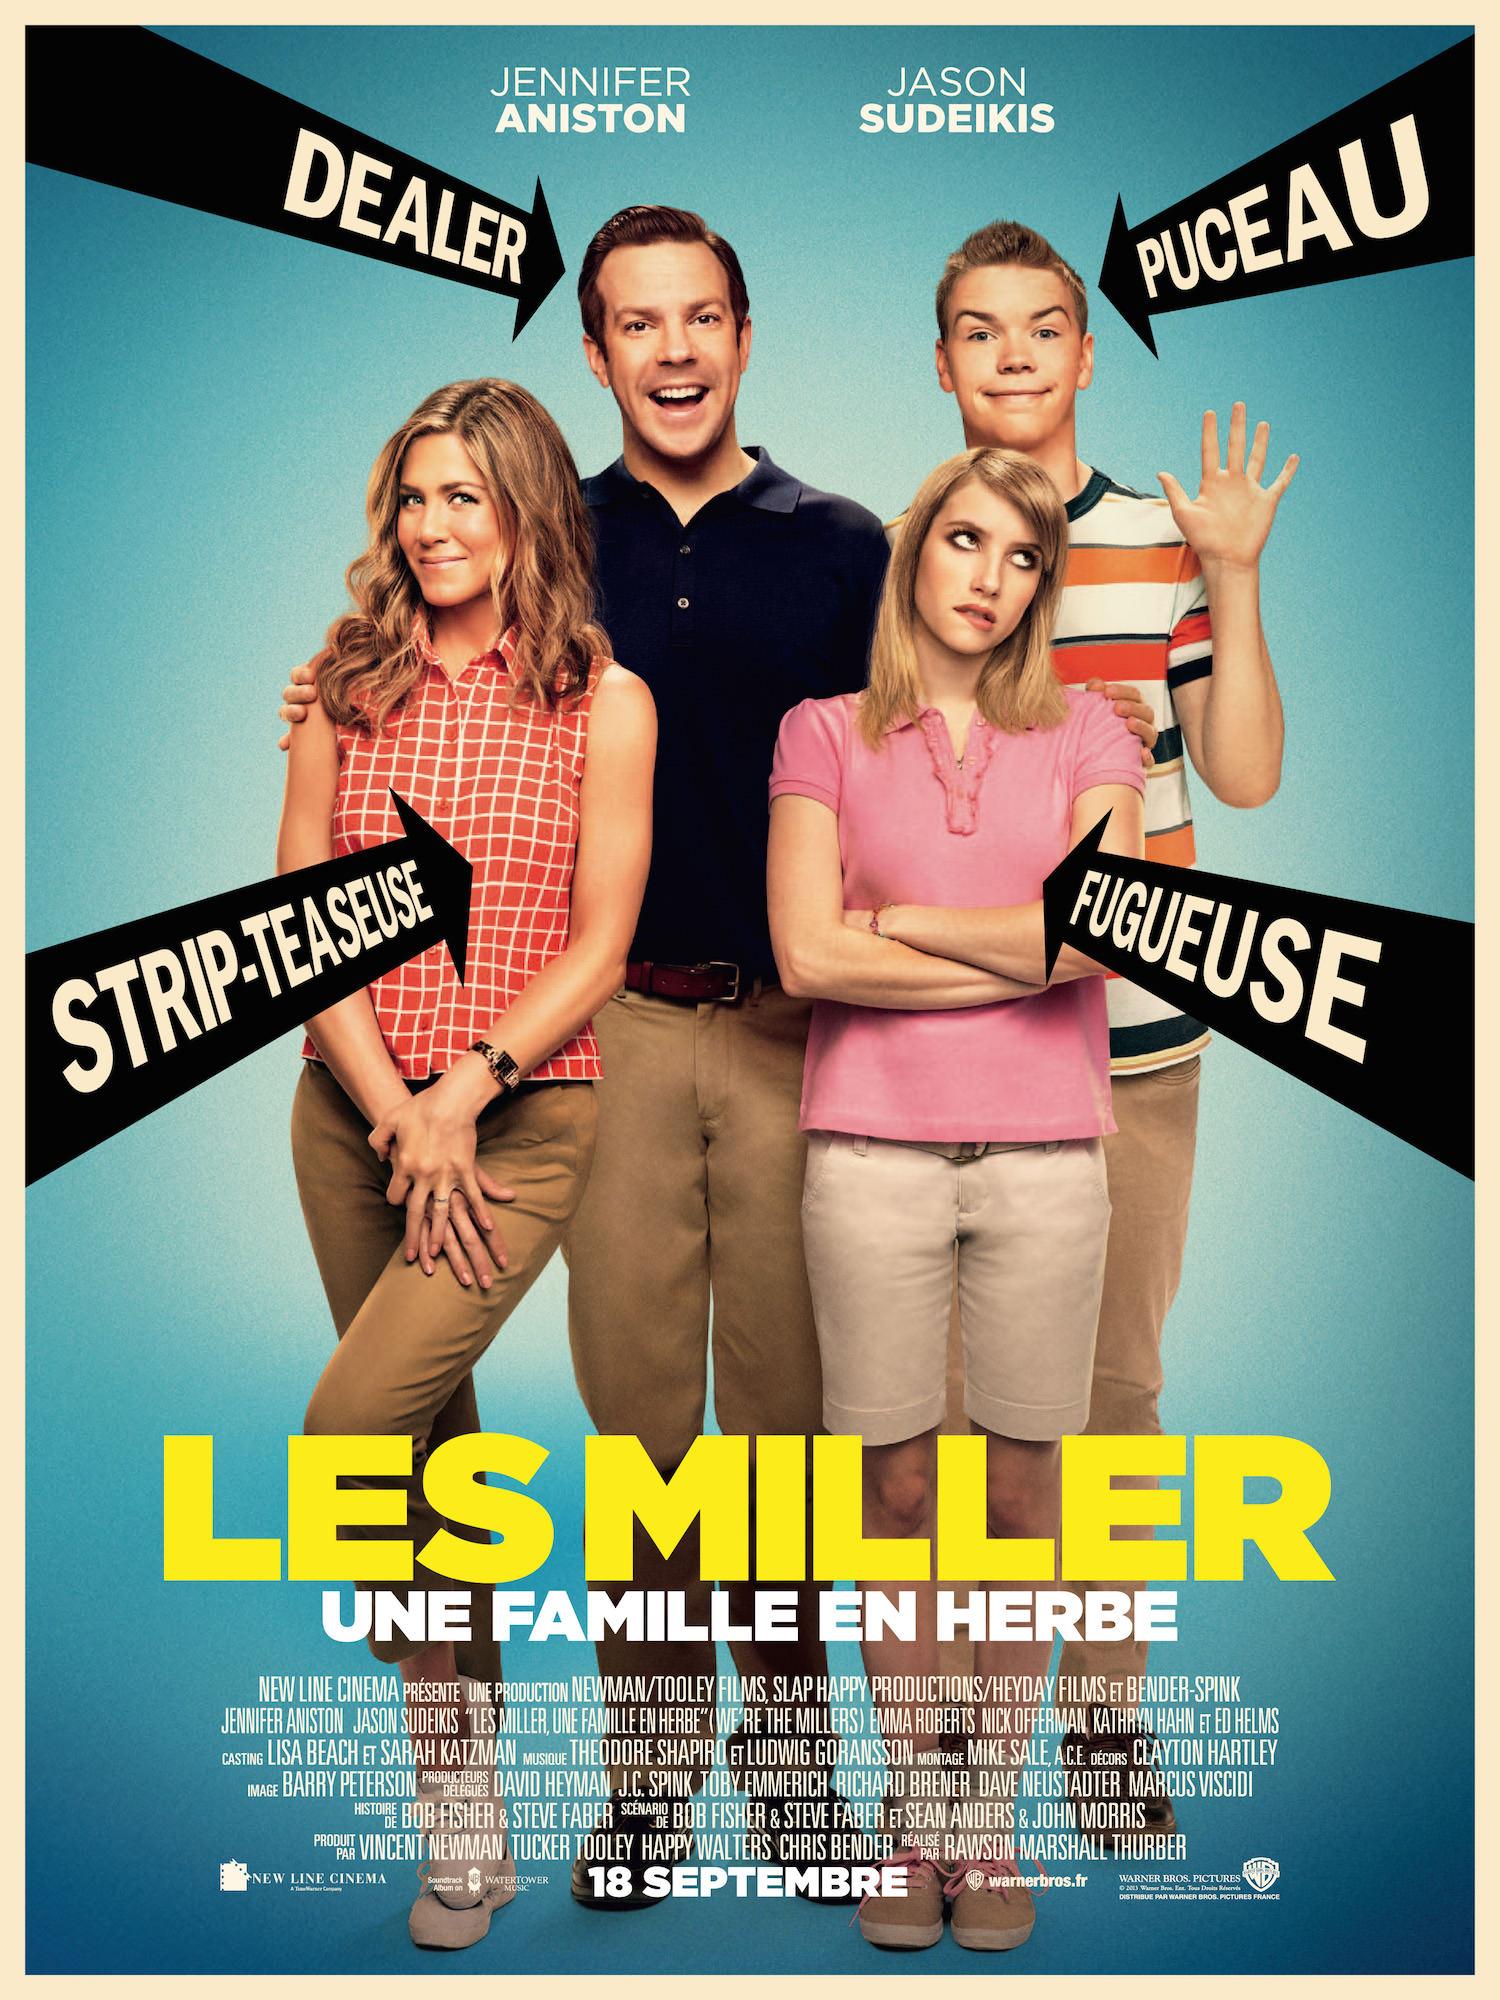 Miller famille herbe marshall thurber